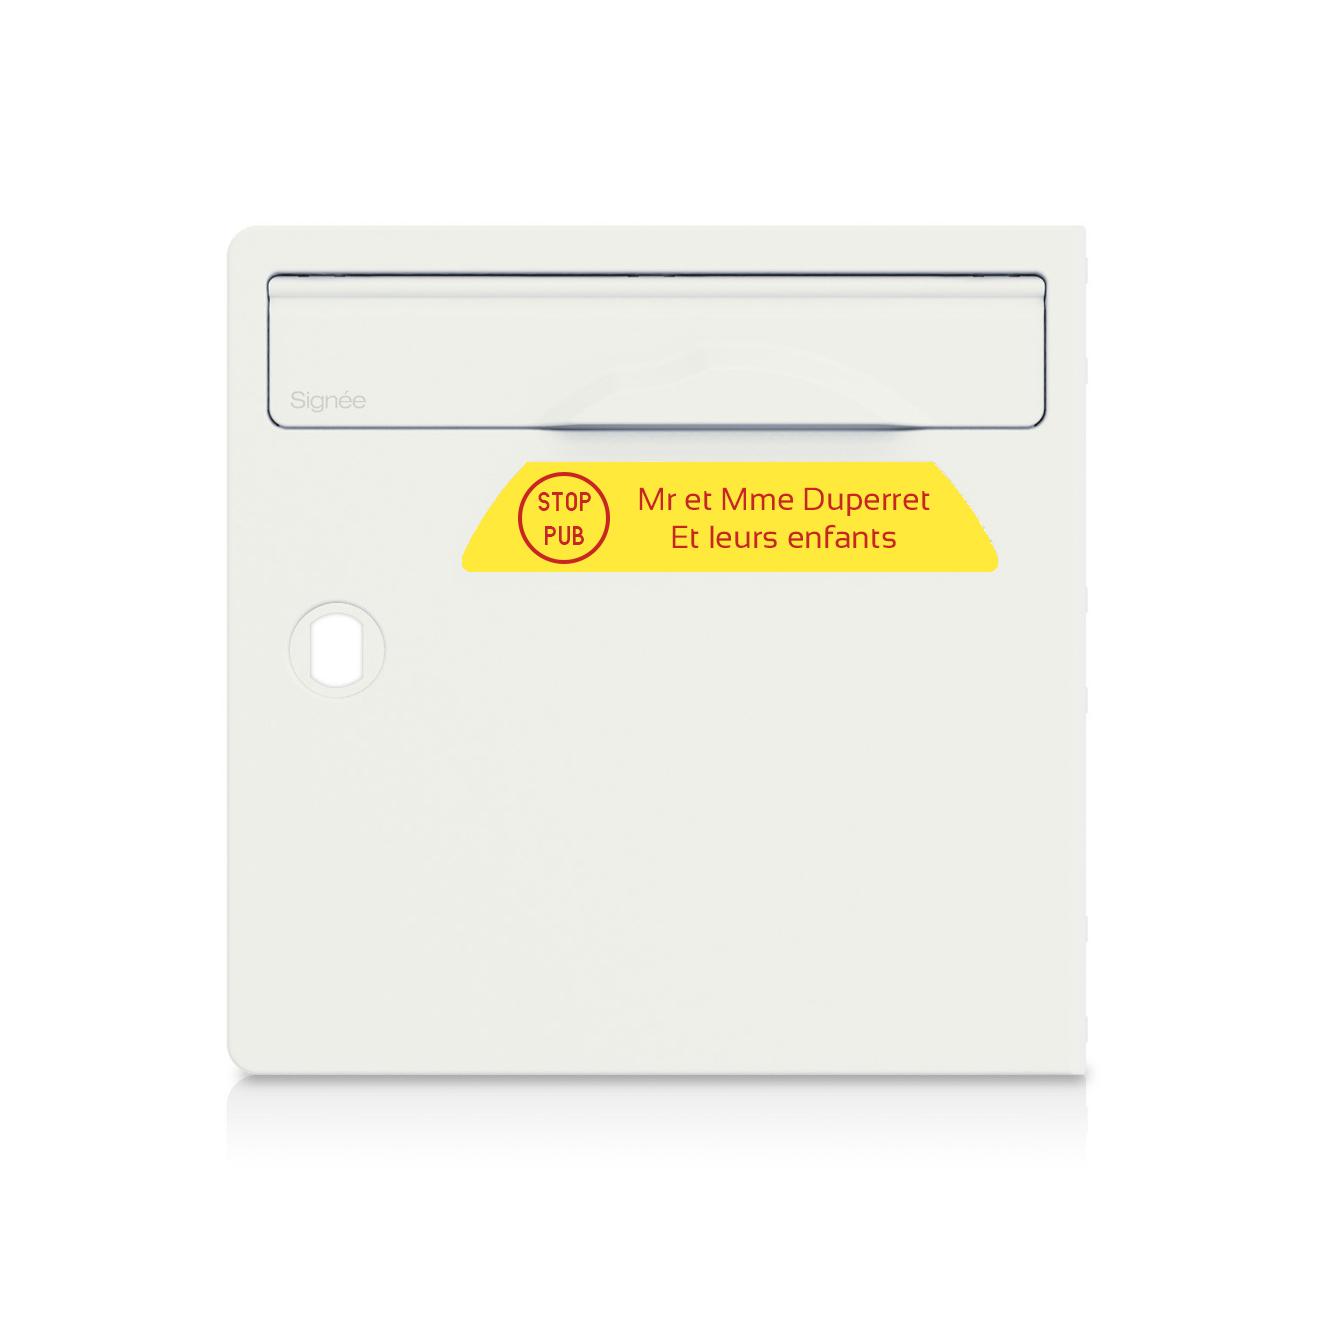 plaque boite aux lettres Signée STOP PUB Jaune lettres rouges - 2 lignes